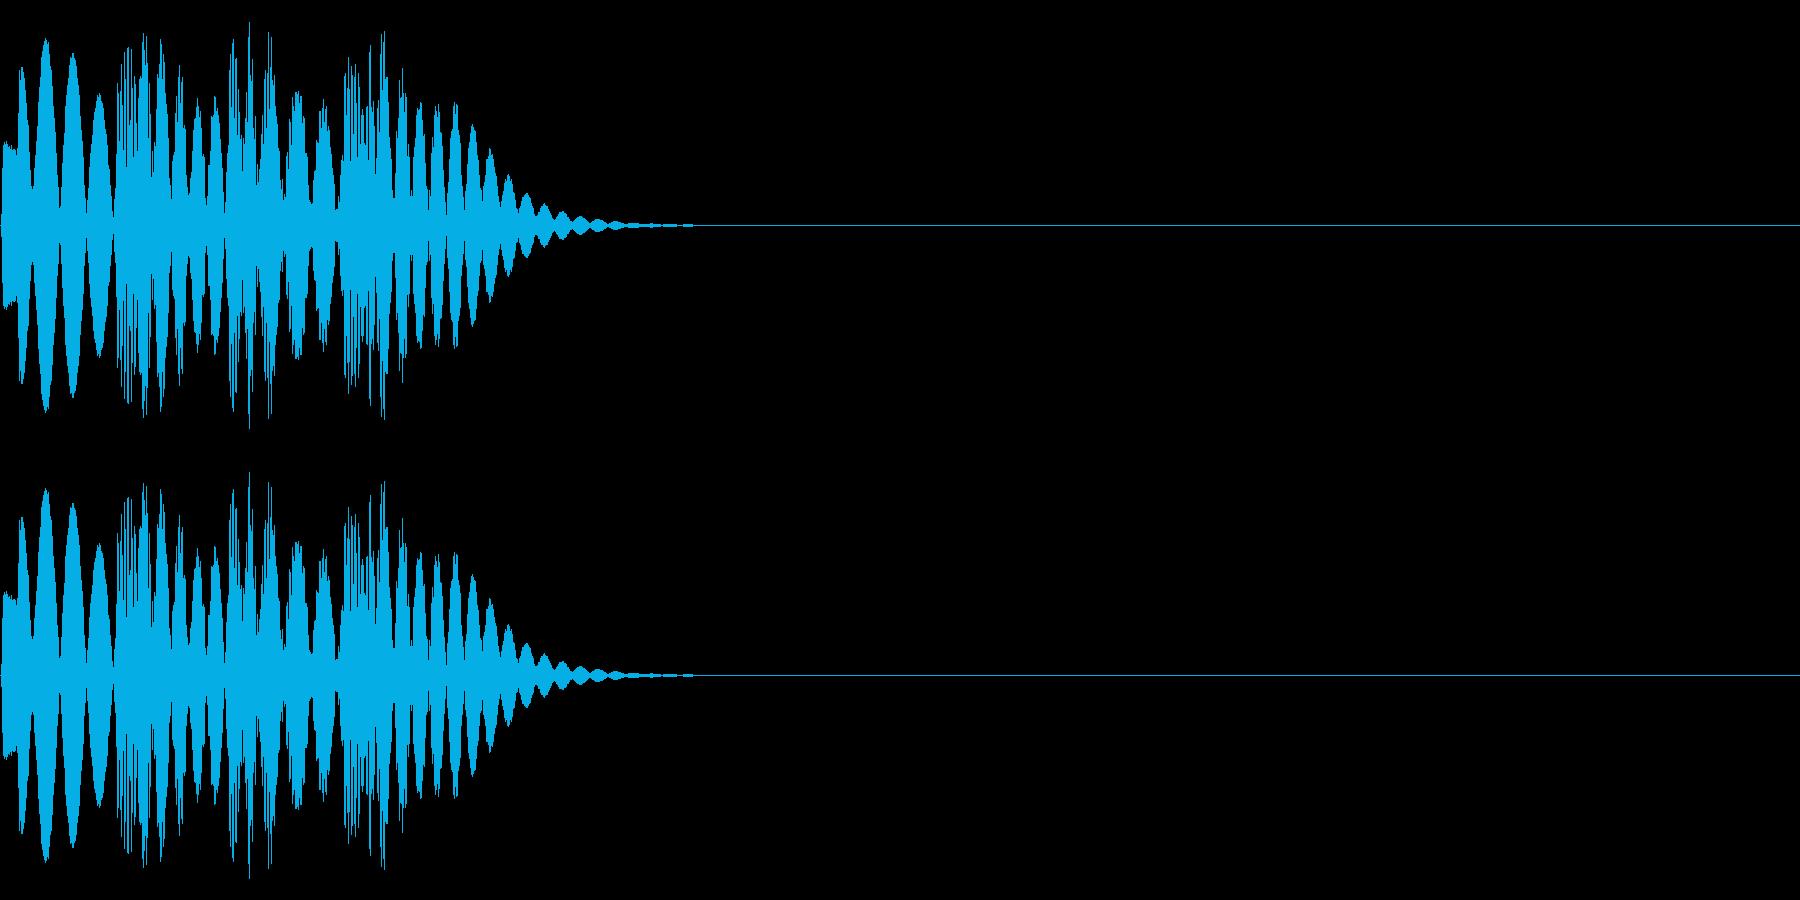 効果音 ひらめき 発見の再生済みの波形